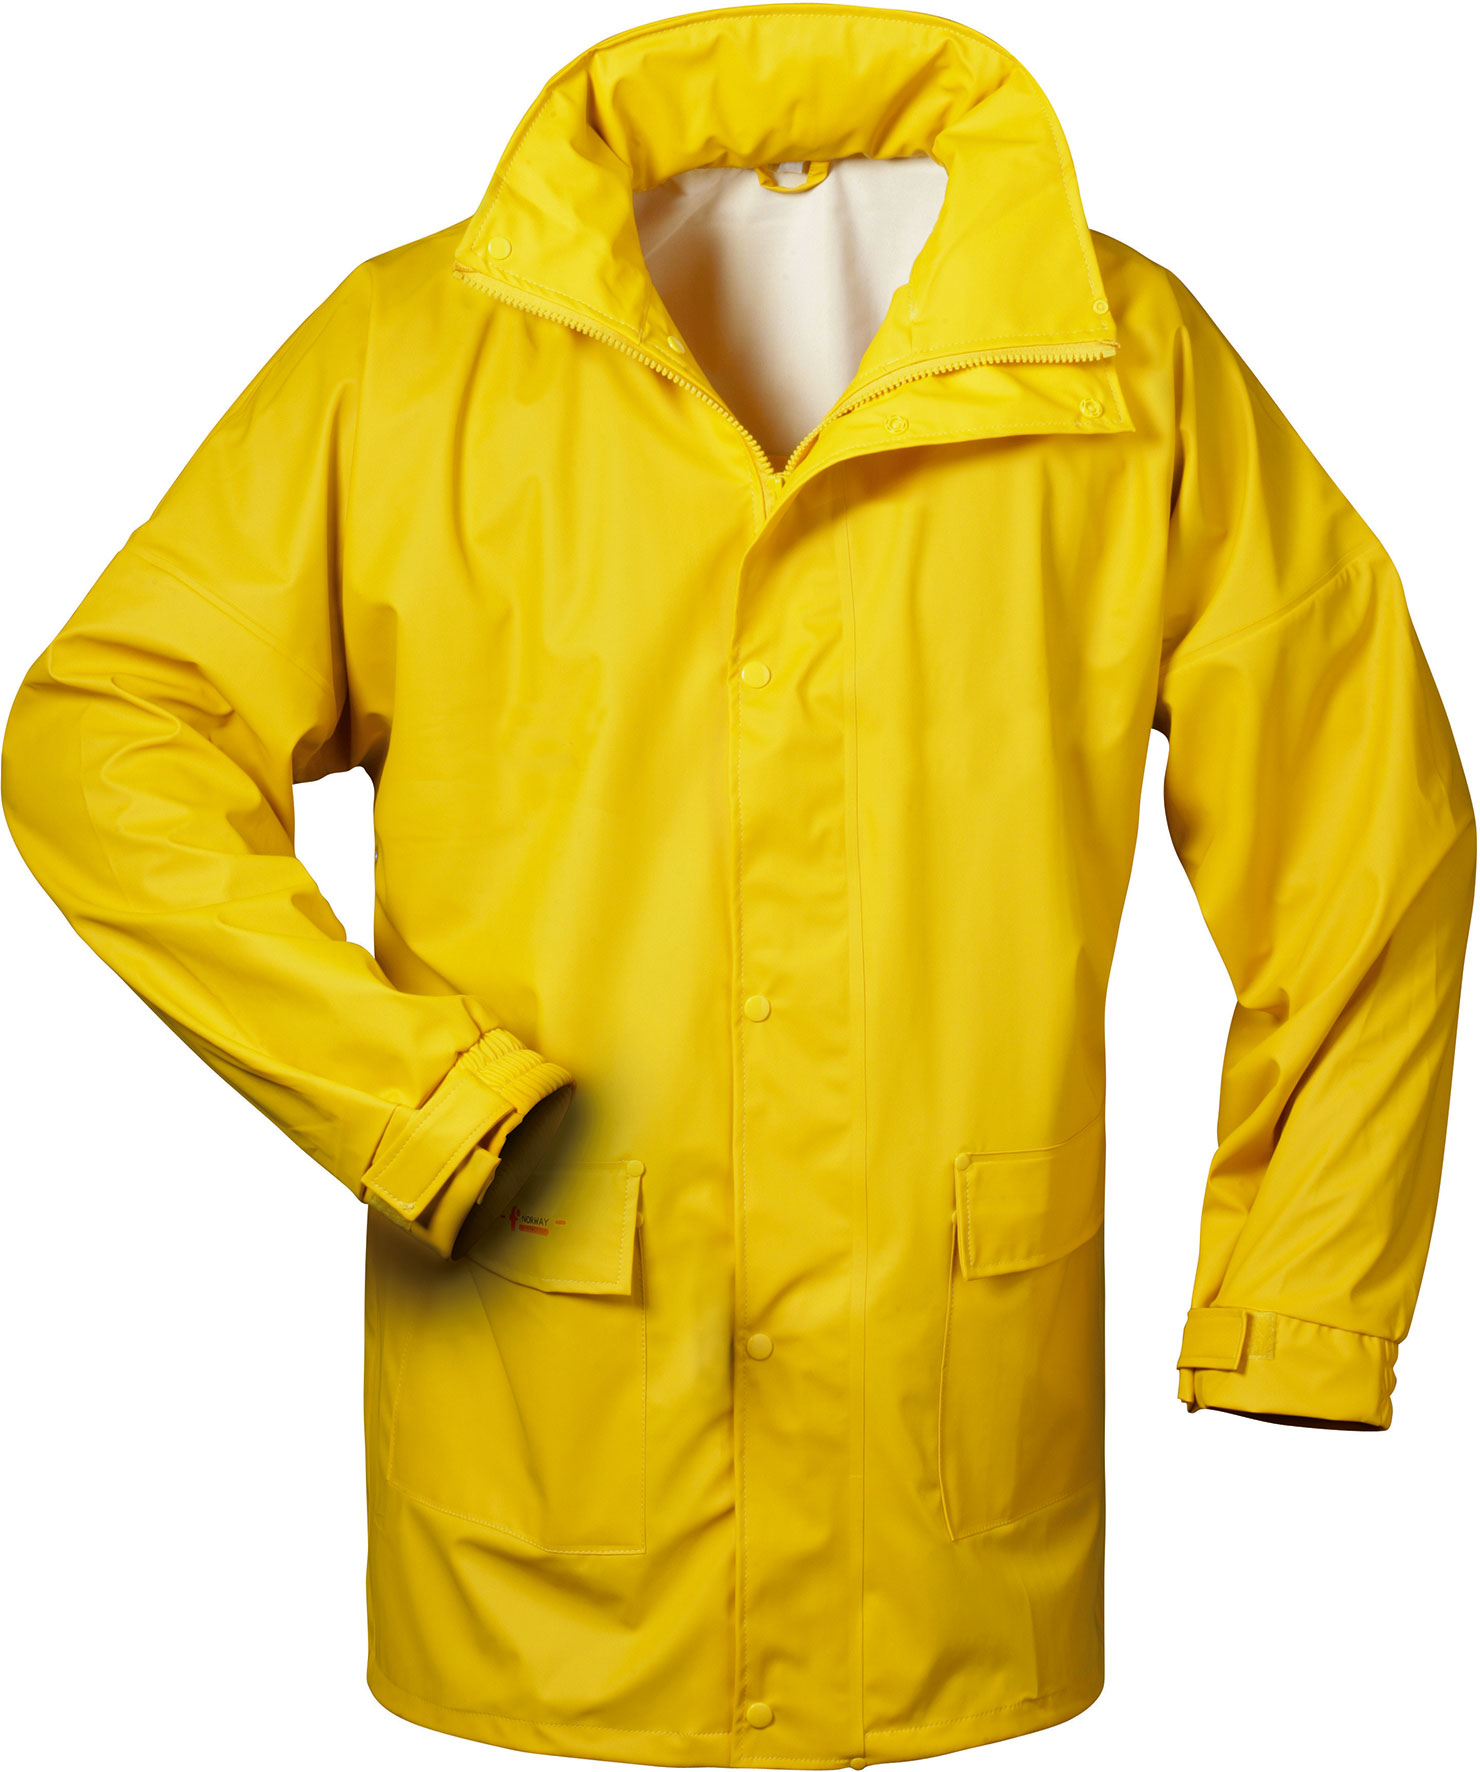 Arbeits Regenjacke Herren : regen winterschutzbekleidung arbeits schutzkleidung arbeitsschutz wocken ~ Orissabook.com Haus und Dekorationen